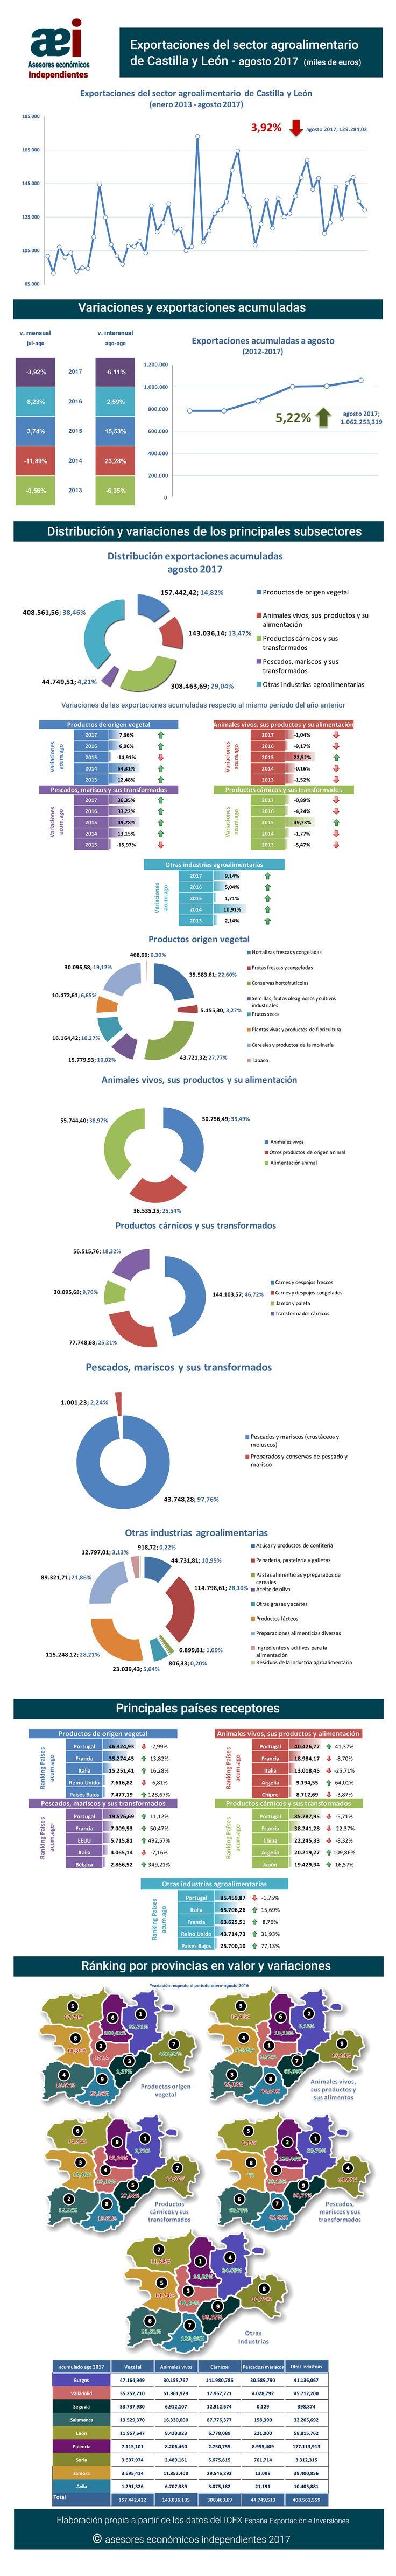 infografía de exportaciones del sector agroalimentario de Castilla y León en el mes de agosto 2017 realizada por Javier Méndez Lirón para asesores económicos independientes